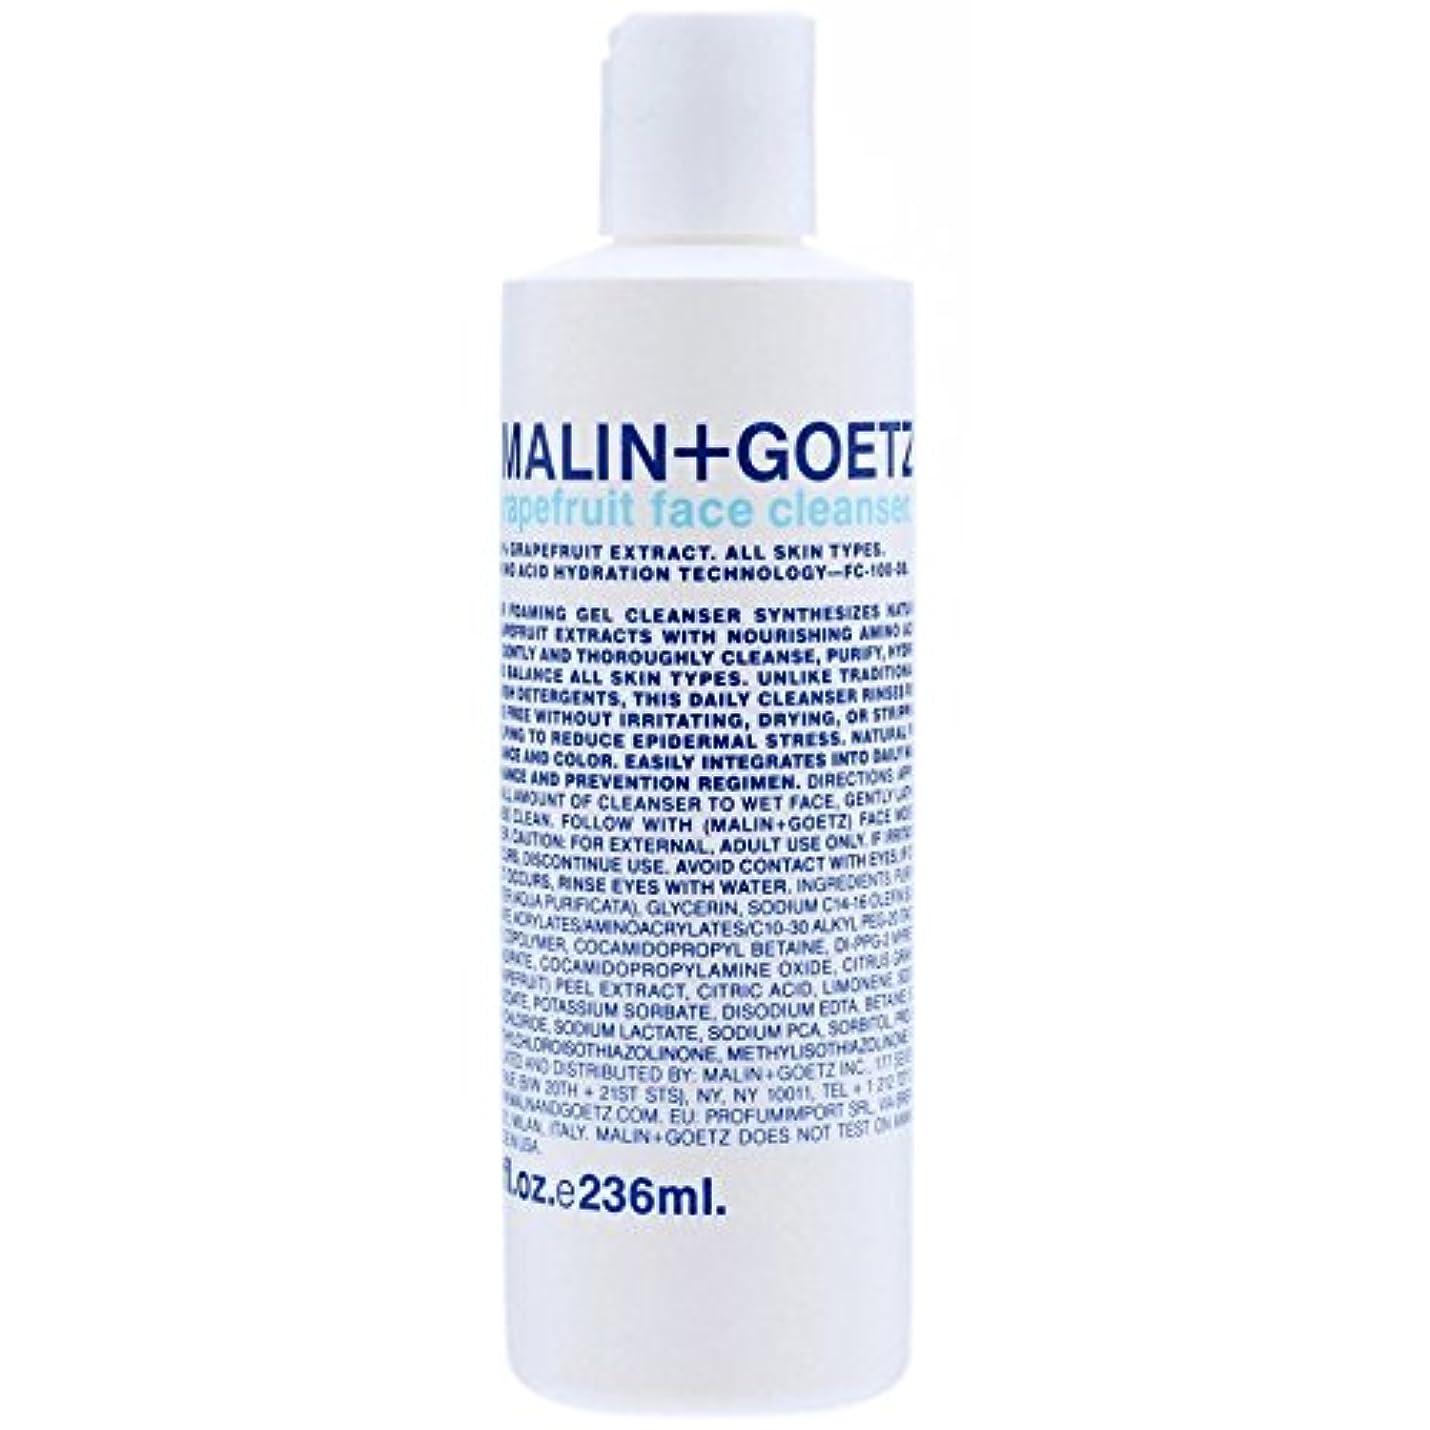 検査官フラッシュのように素早くトリップマリン+ゲッツグレープフルーツフェイスクレンザー x2 - MALIN+GOETZ Grapefruit Face Cleanser (Pack of 2) [並行輸入品]